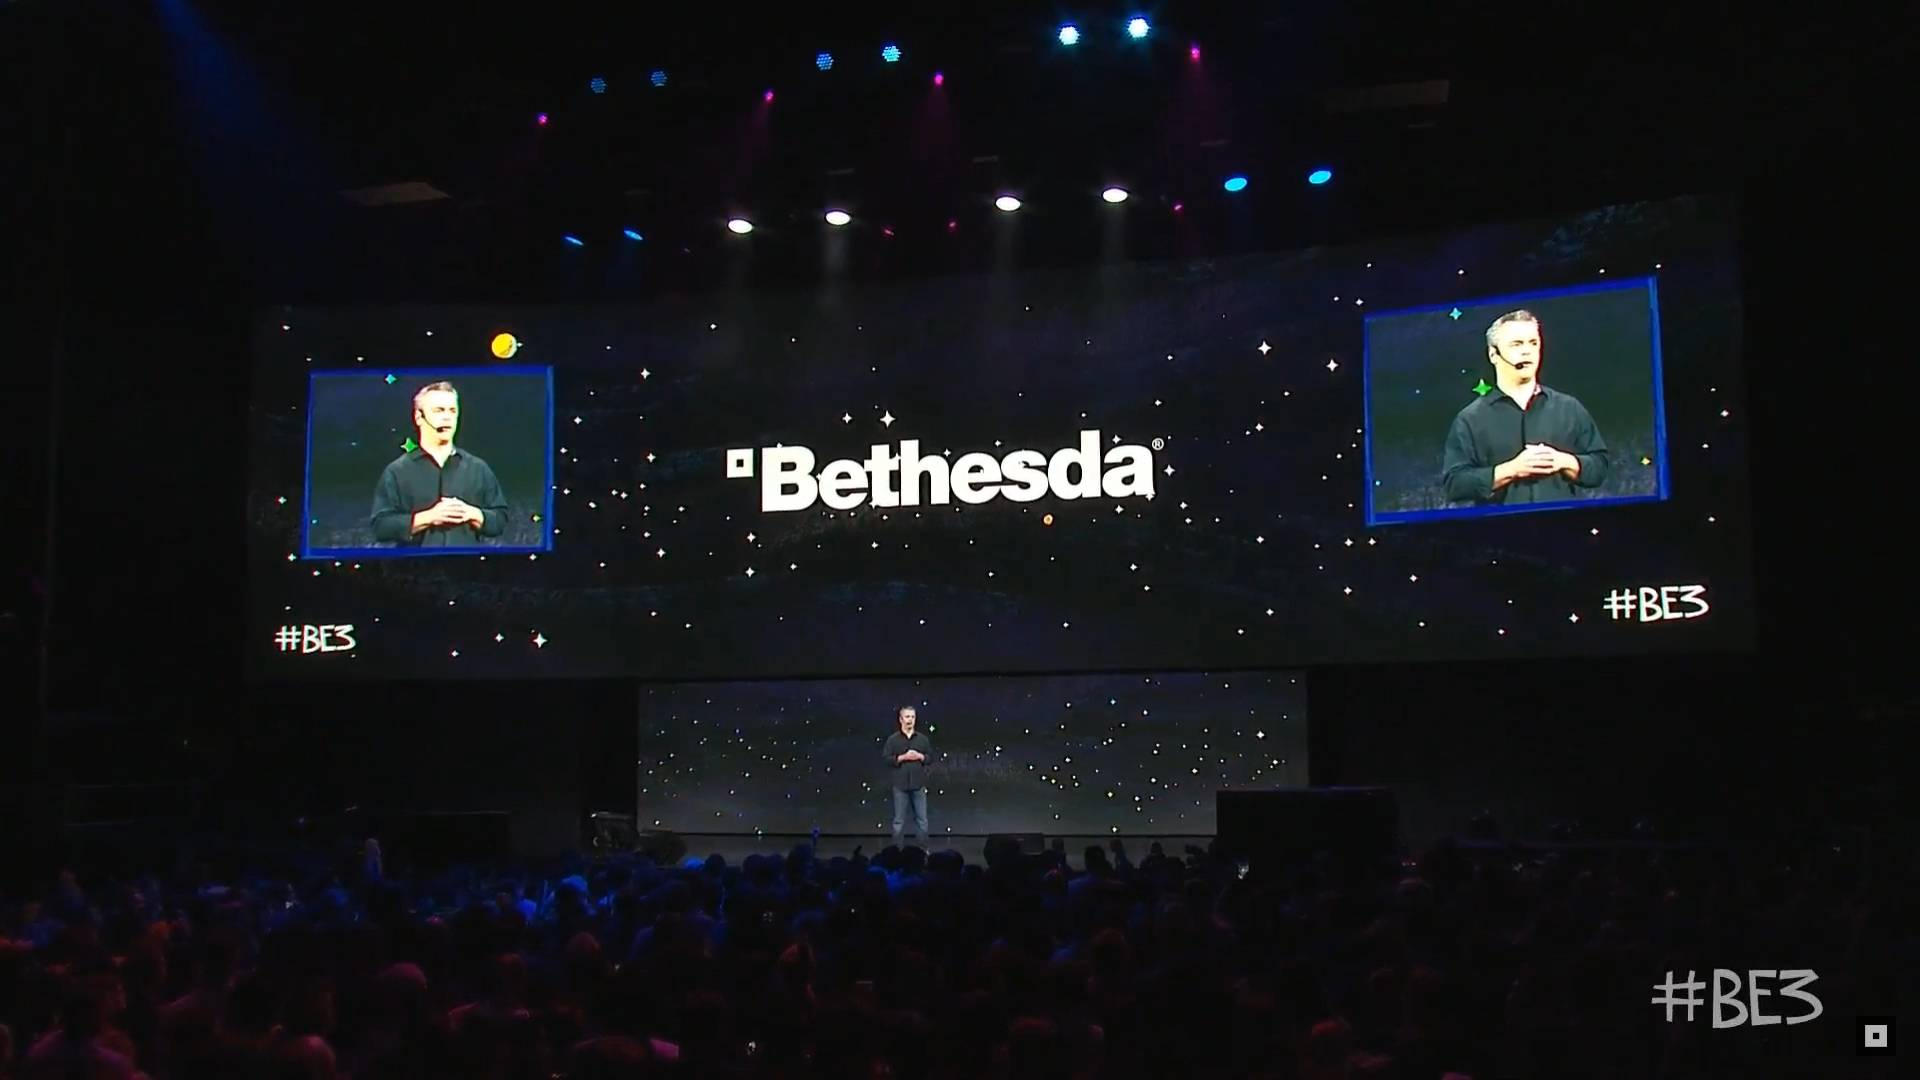 Слух: на выставке E3 Bethesda покажет научно-фантастическую игру Starfield